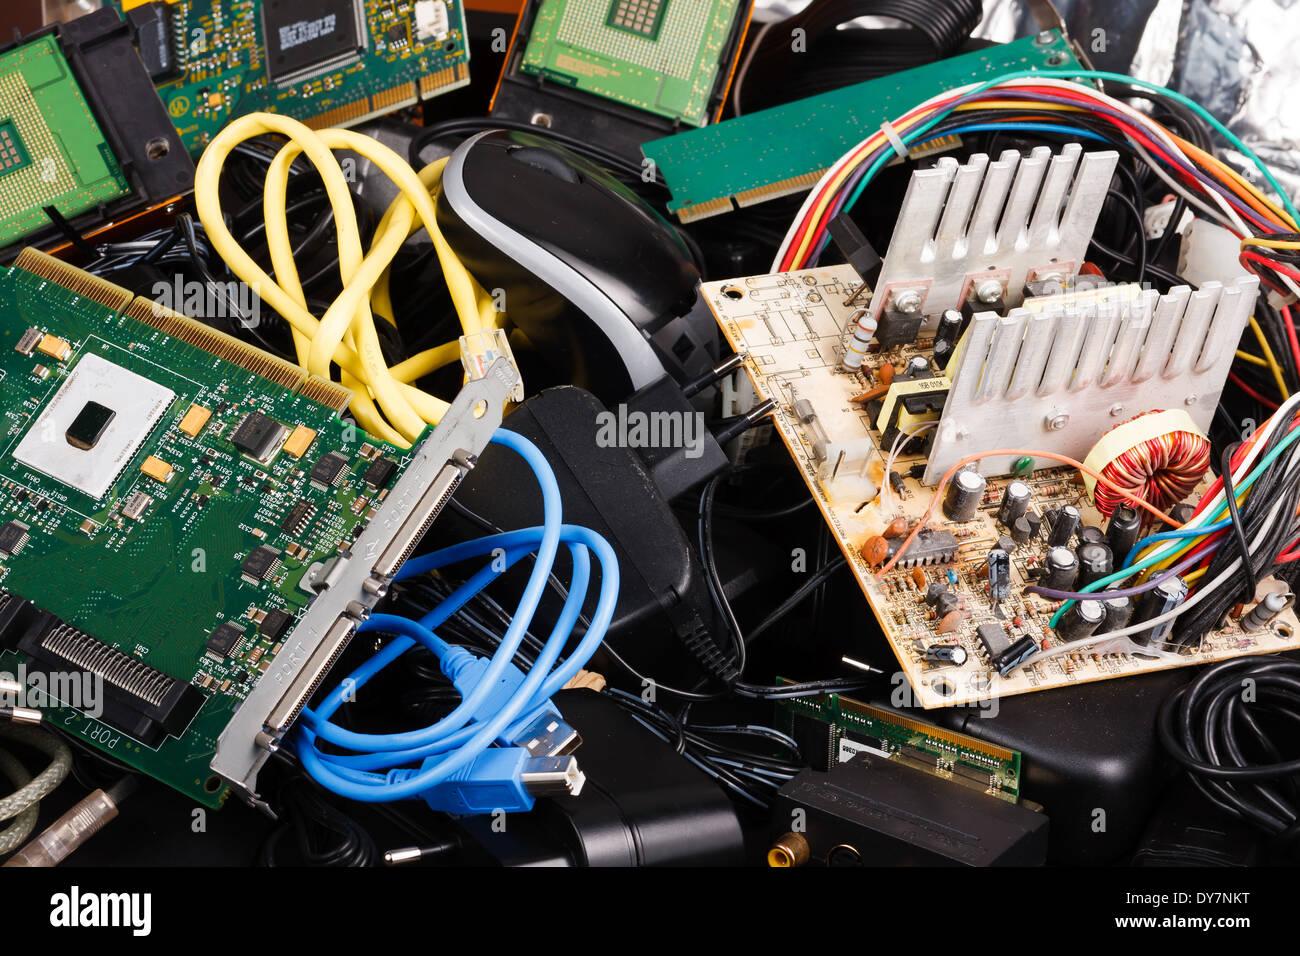 Antigua fuente de alimentación, cables, disco duro en la basura. Imagen De Stock